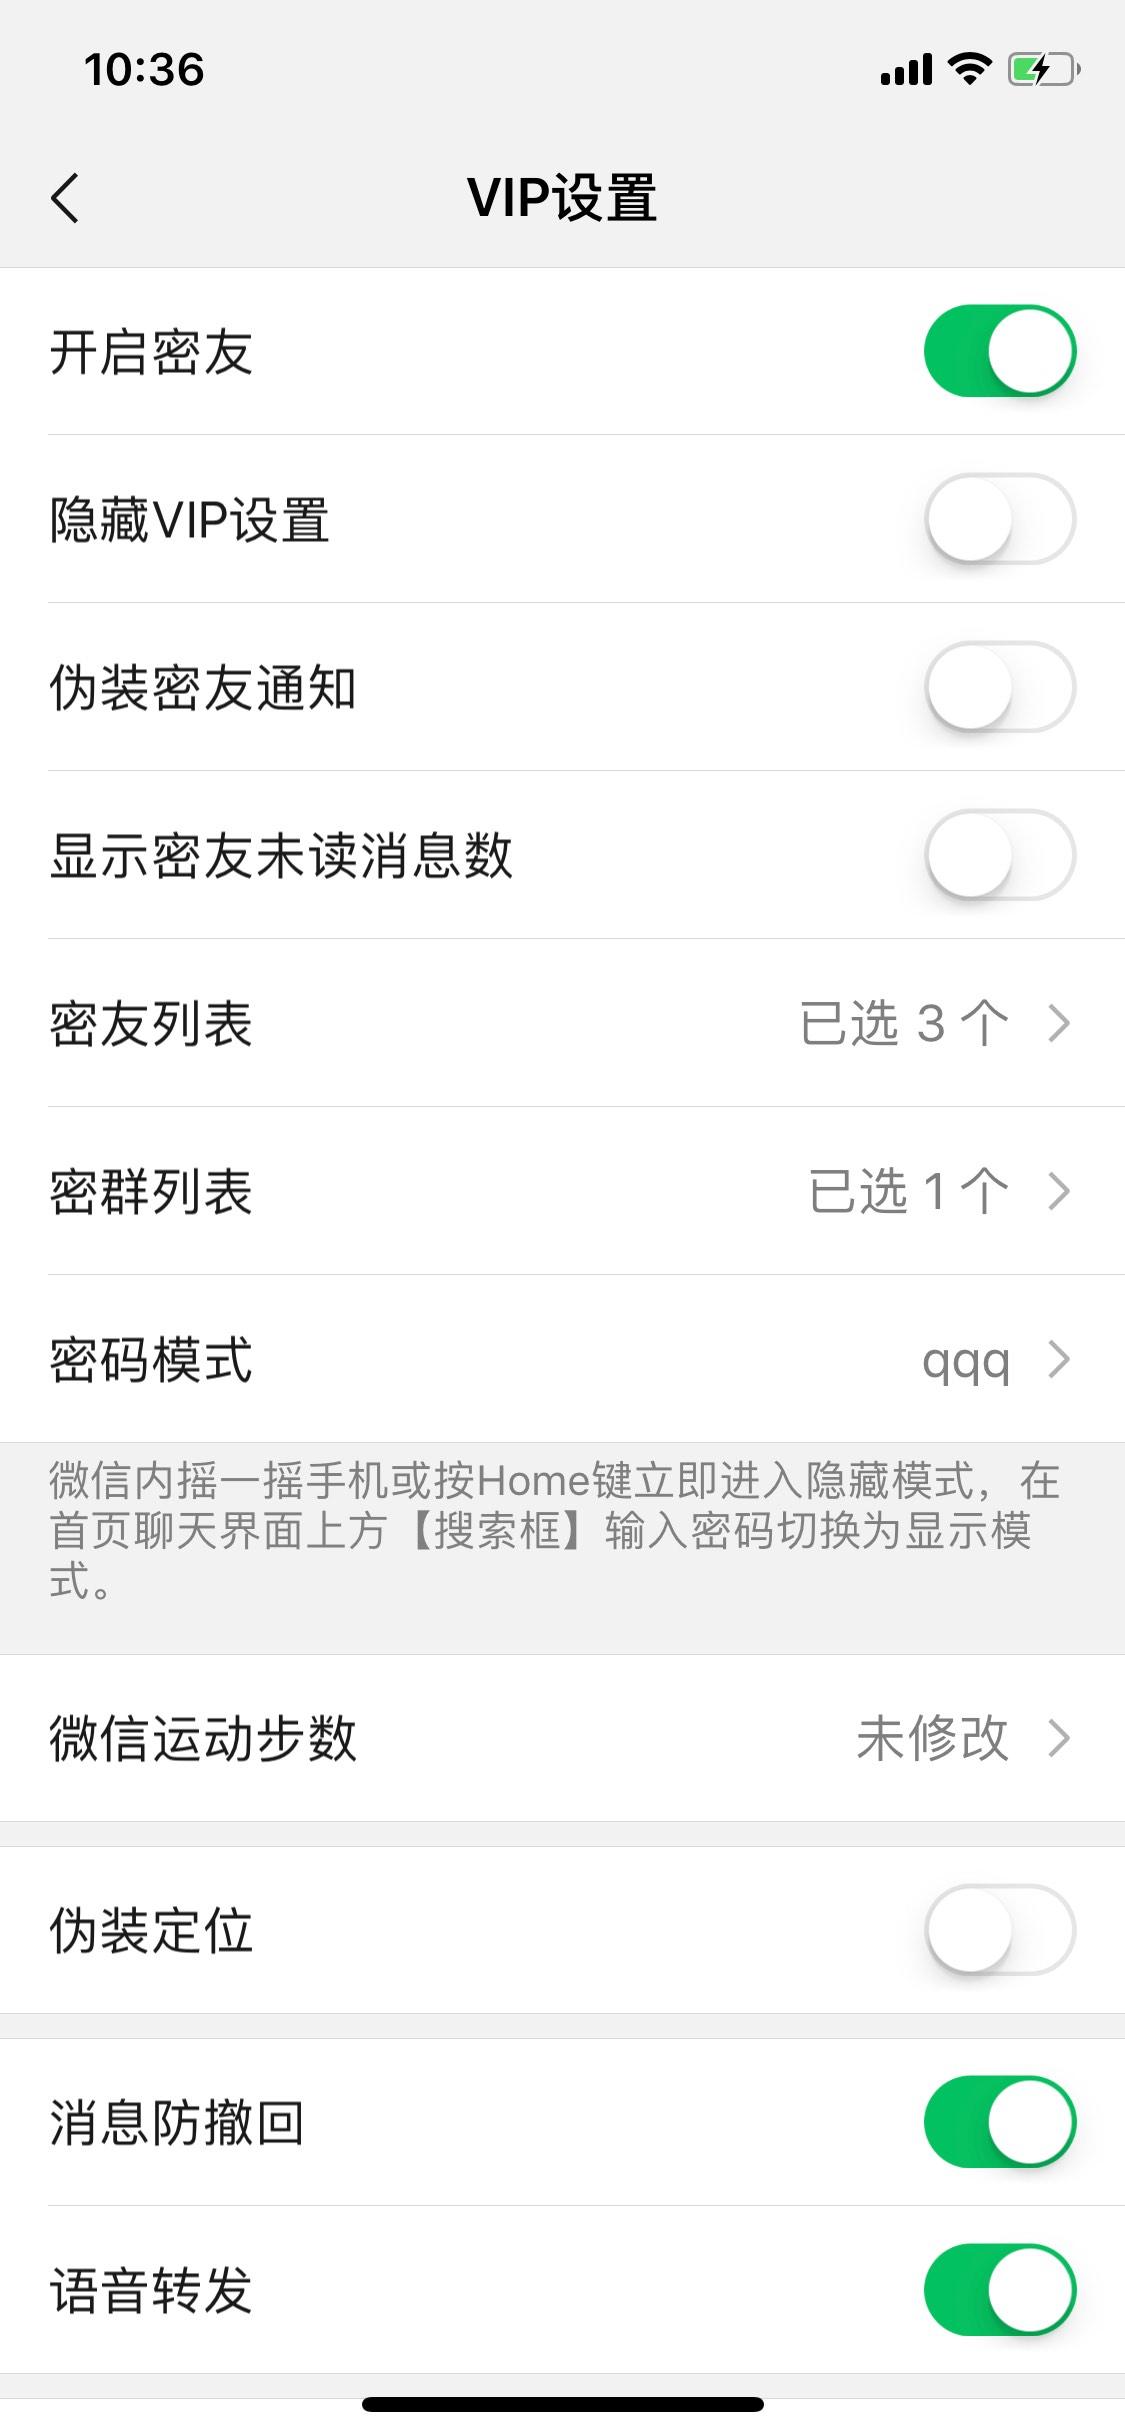 微信VIP插件版(正版密友) · Cydia